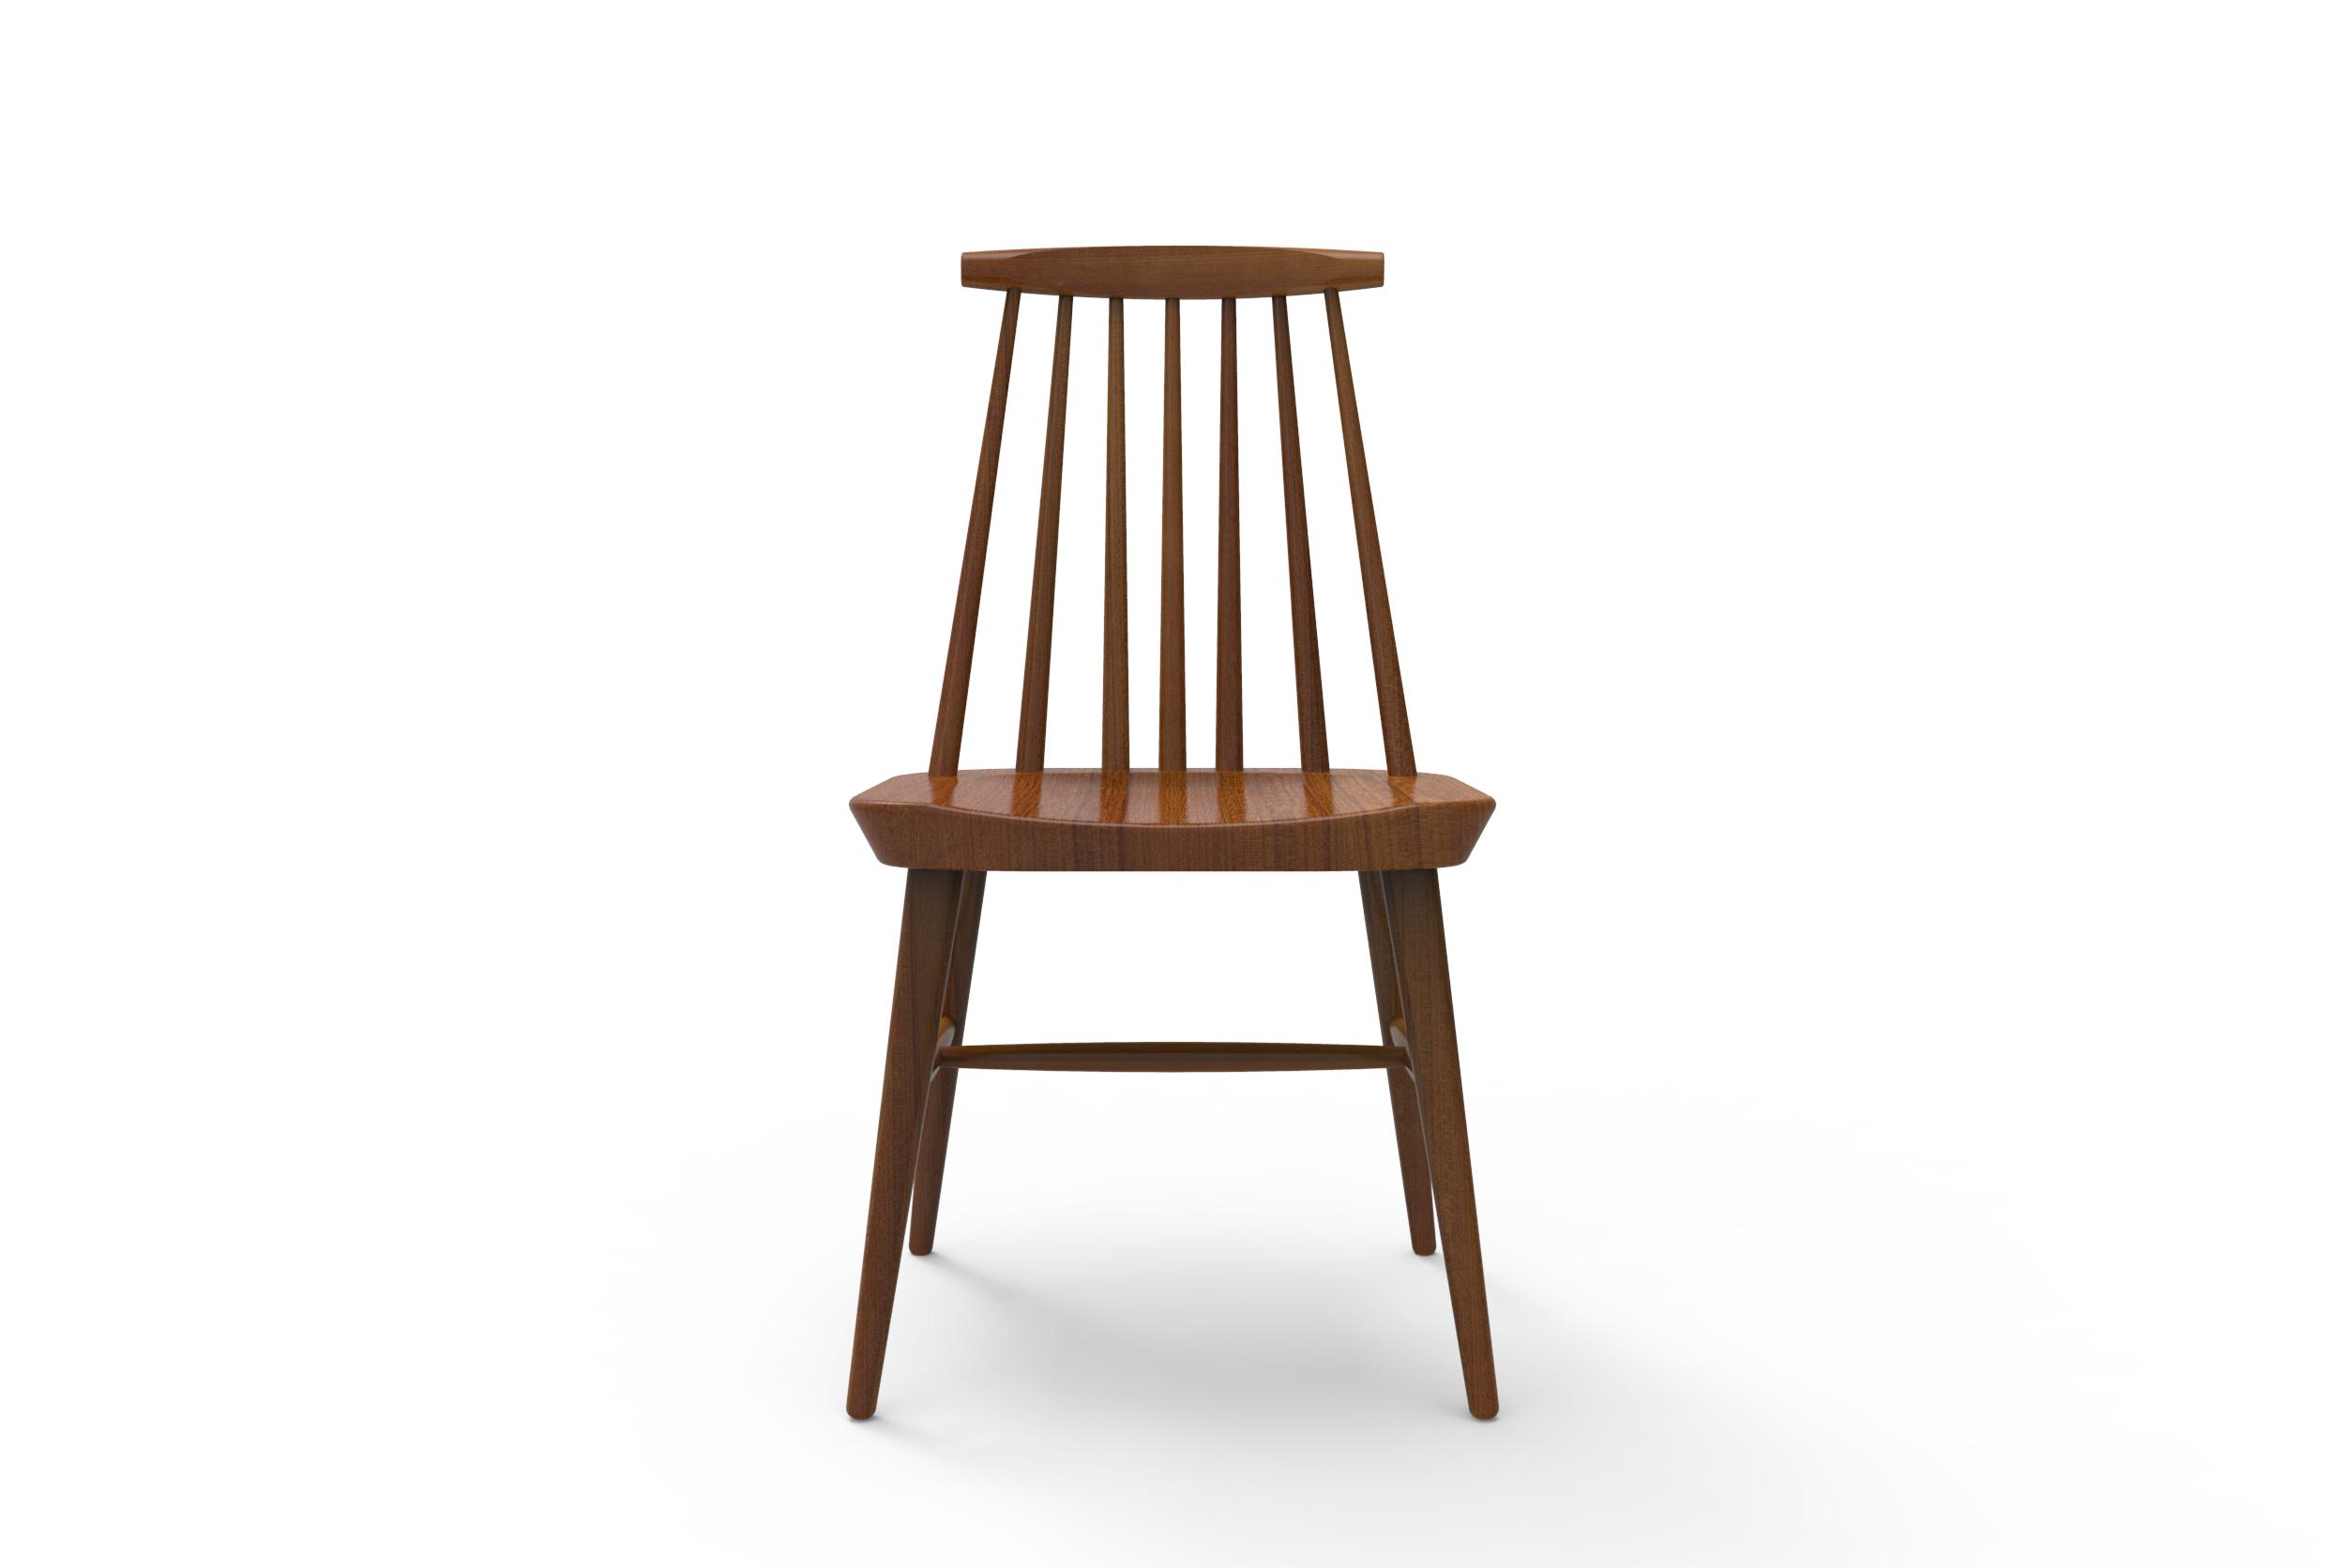 Yespo_Chair_Design_Rendering_2.jpg